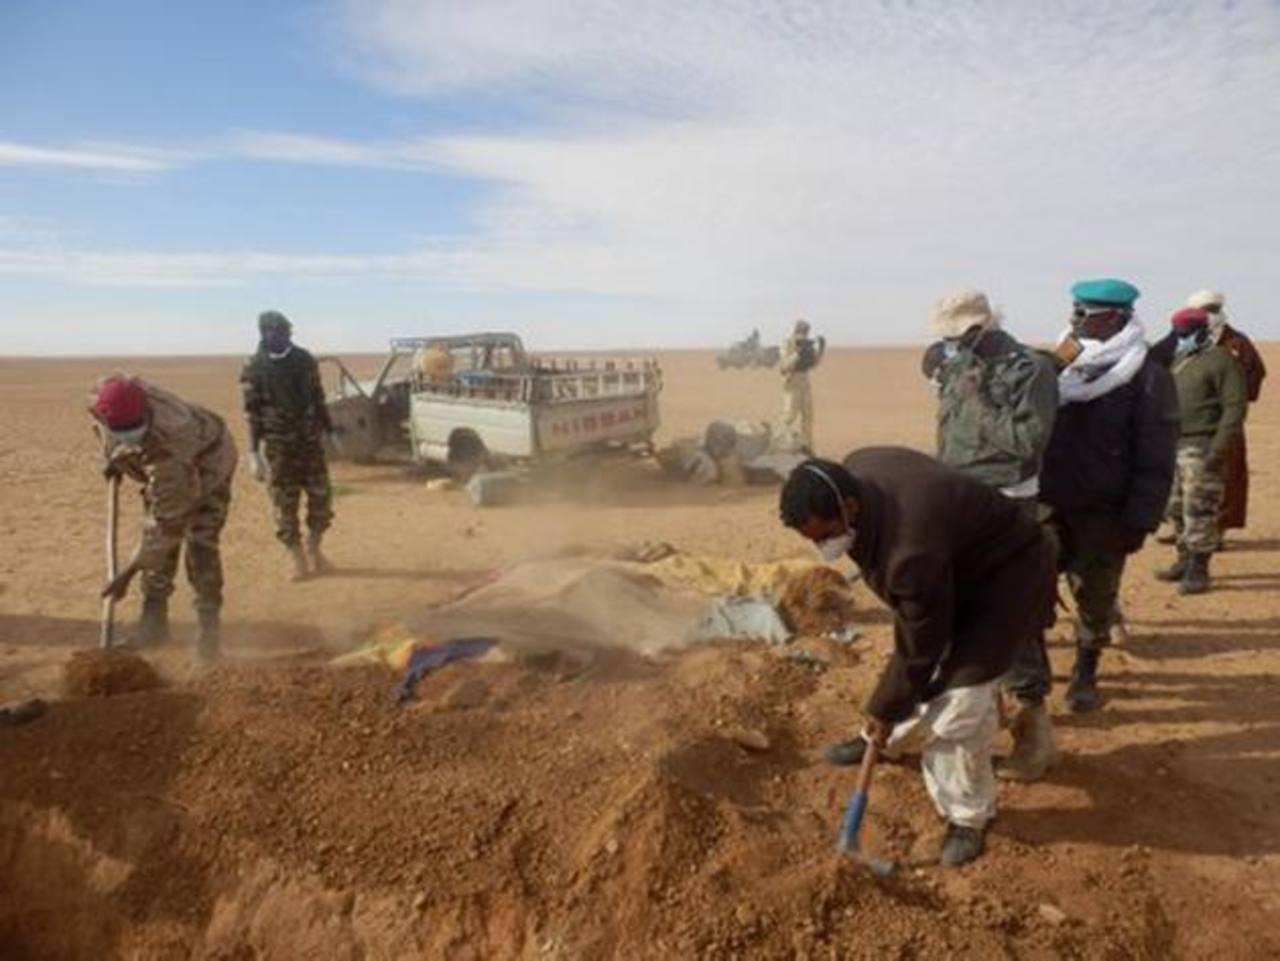 Voluntarios entierran a los inmigrantes africanos que por tratar de escapar de la pobreza aplastante murieron en el desierto bajo el inclemente sol. Foto edh/ ap